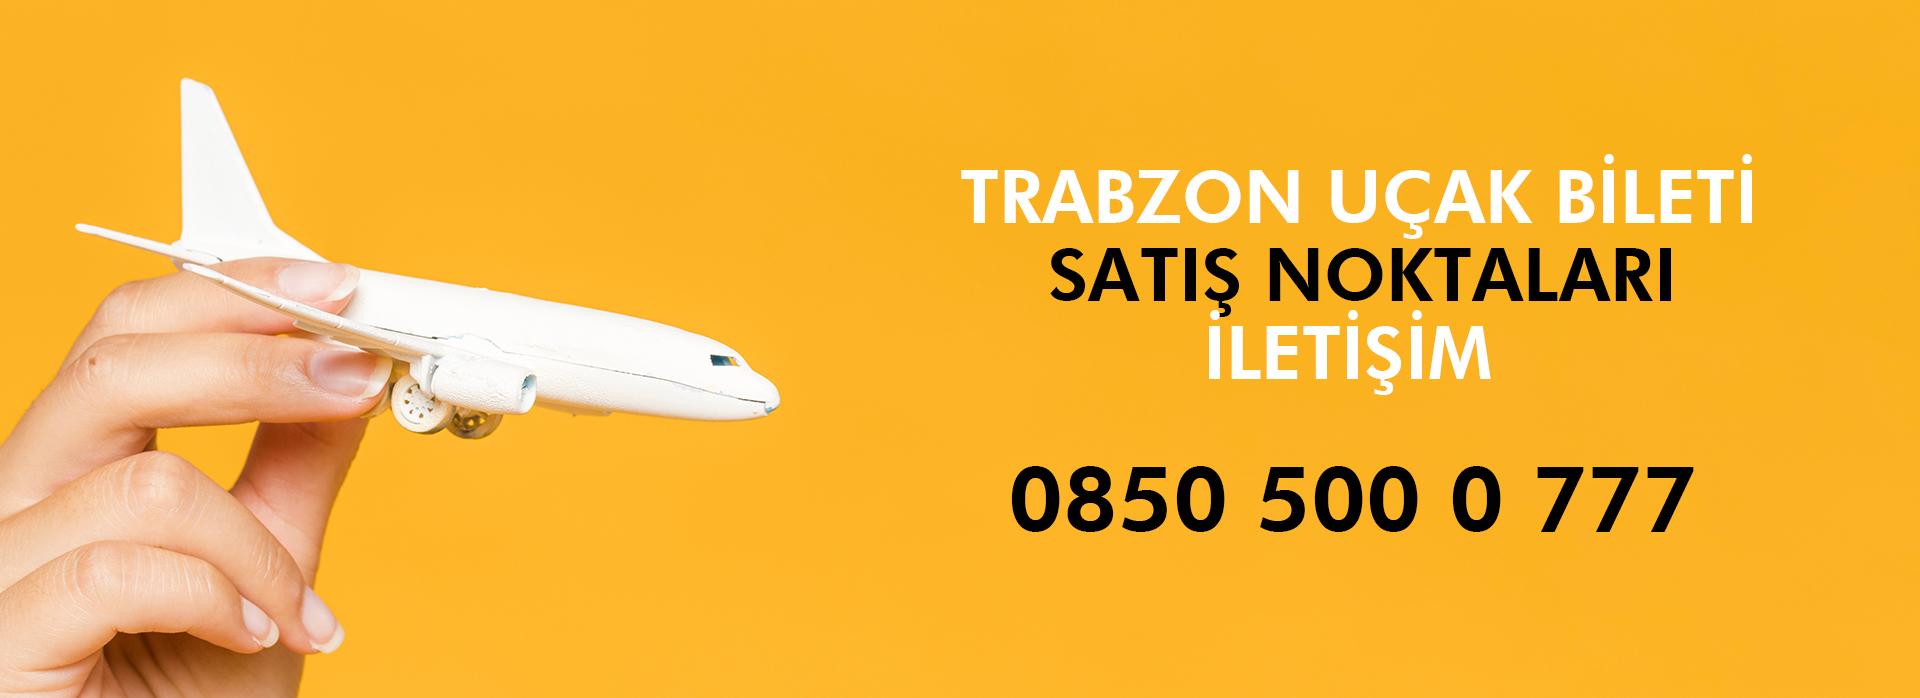 trabzon uçak bileti satış noktaları